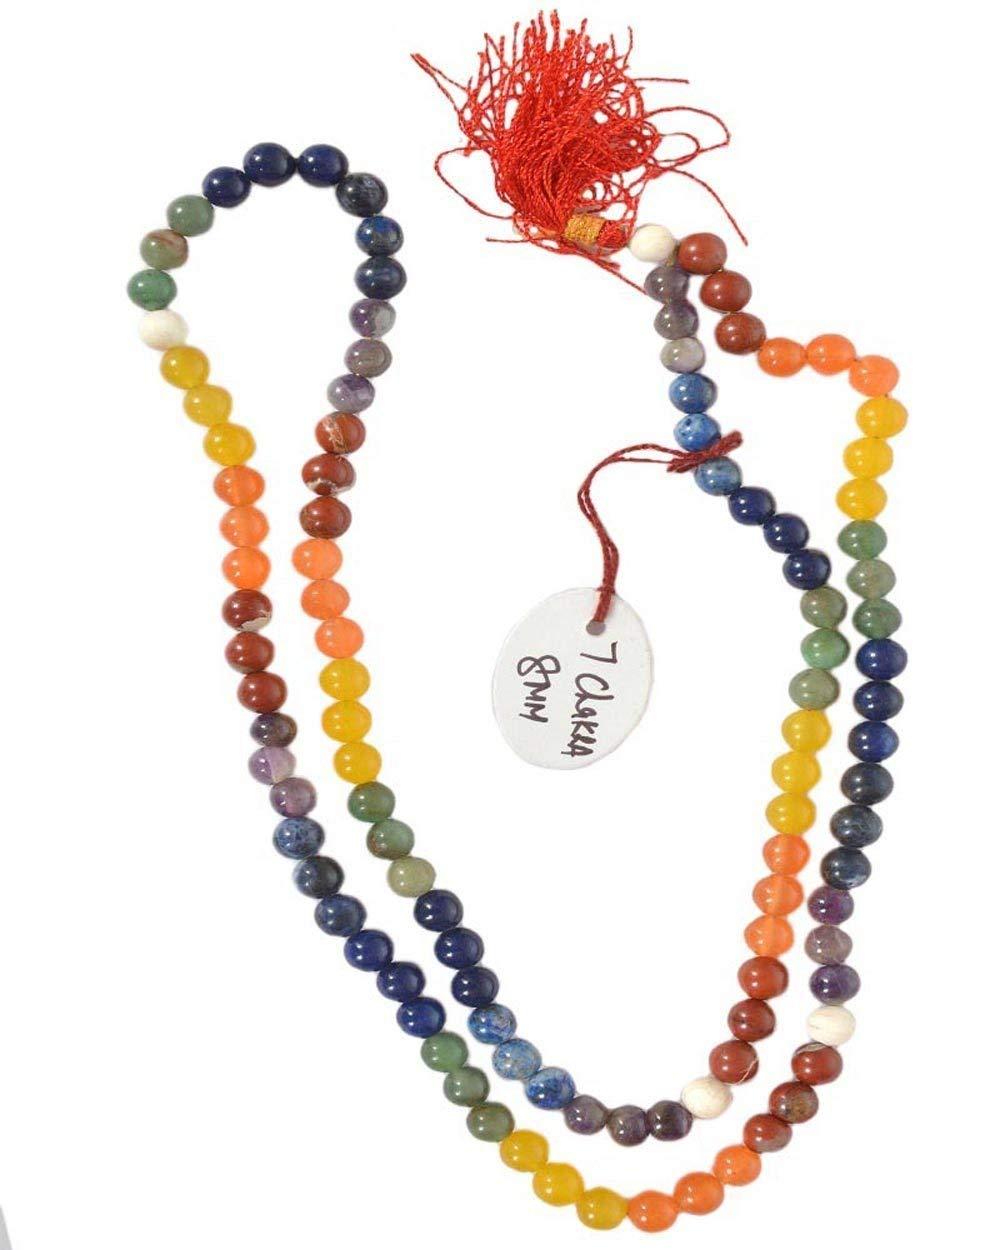 Seven Chakra Beads